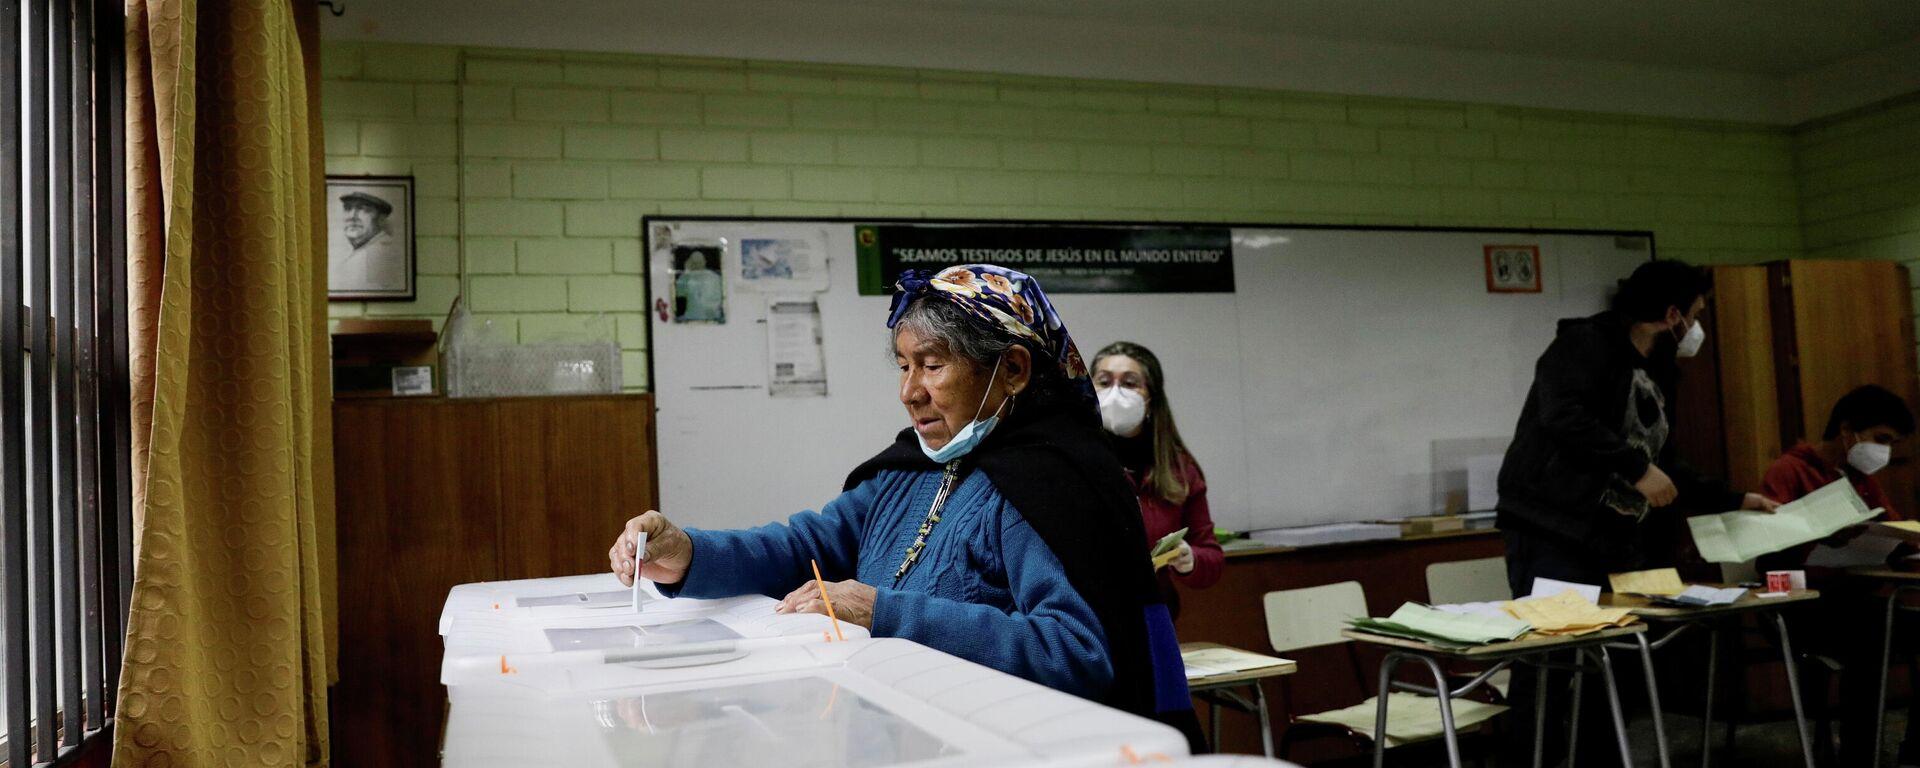 Votación en Chile - Sputnik Mundo, 1920, 16.05.2021